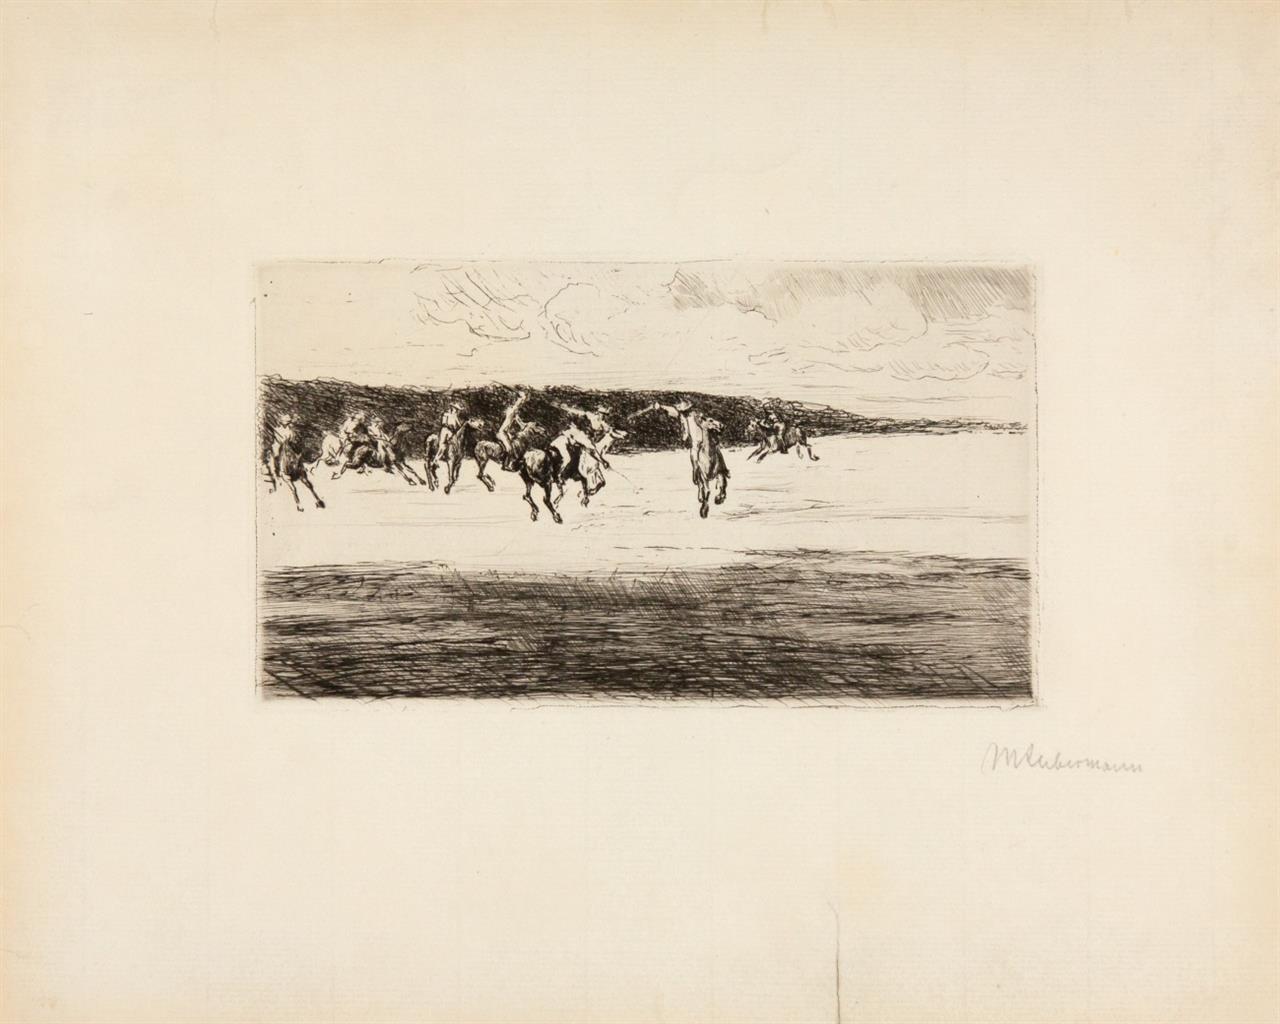 Max Liebermann. Polospiel. 1907. Kaltnadelradierung. Signiert. Schiefler 68 III. KEIN NACHVERKAUF.